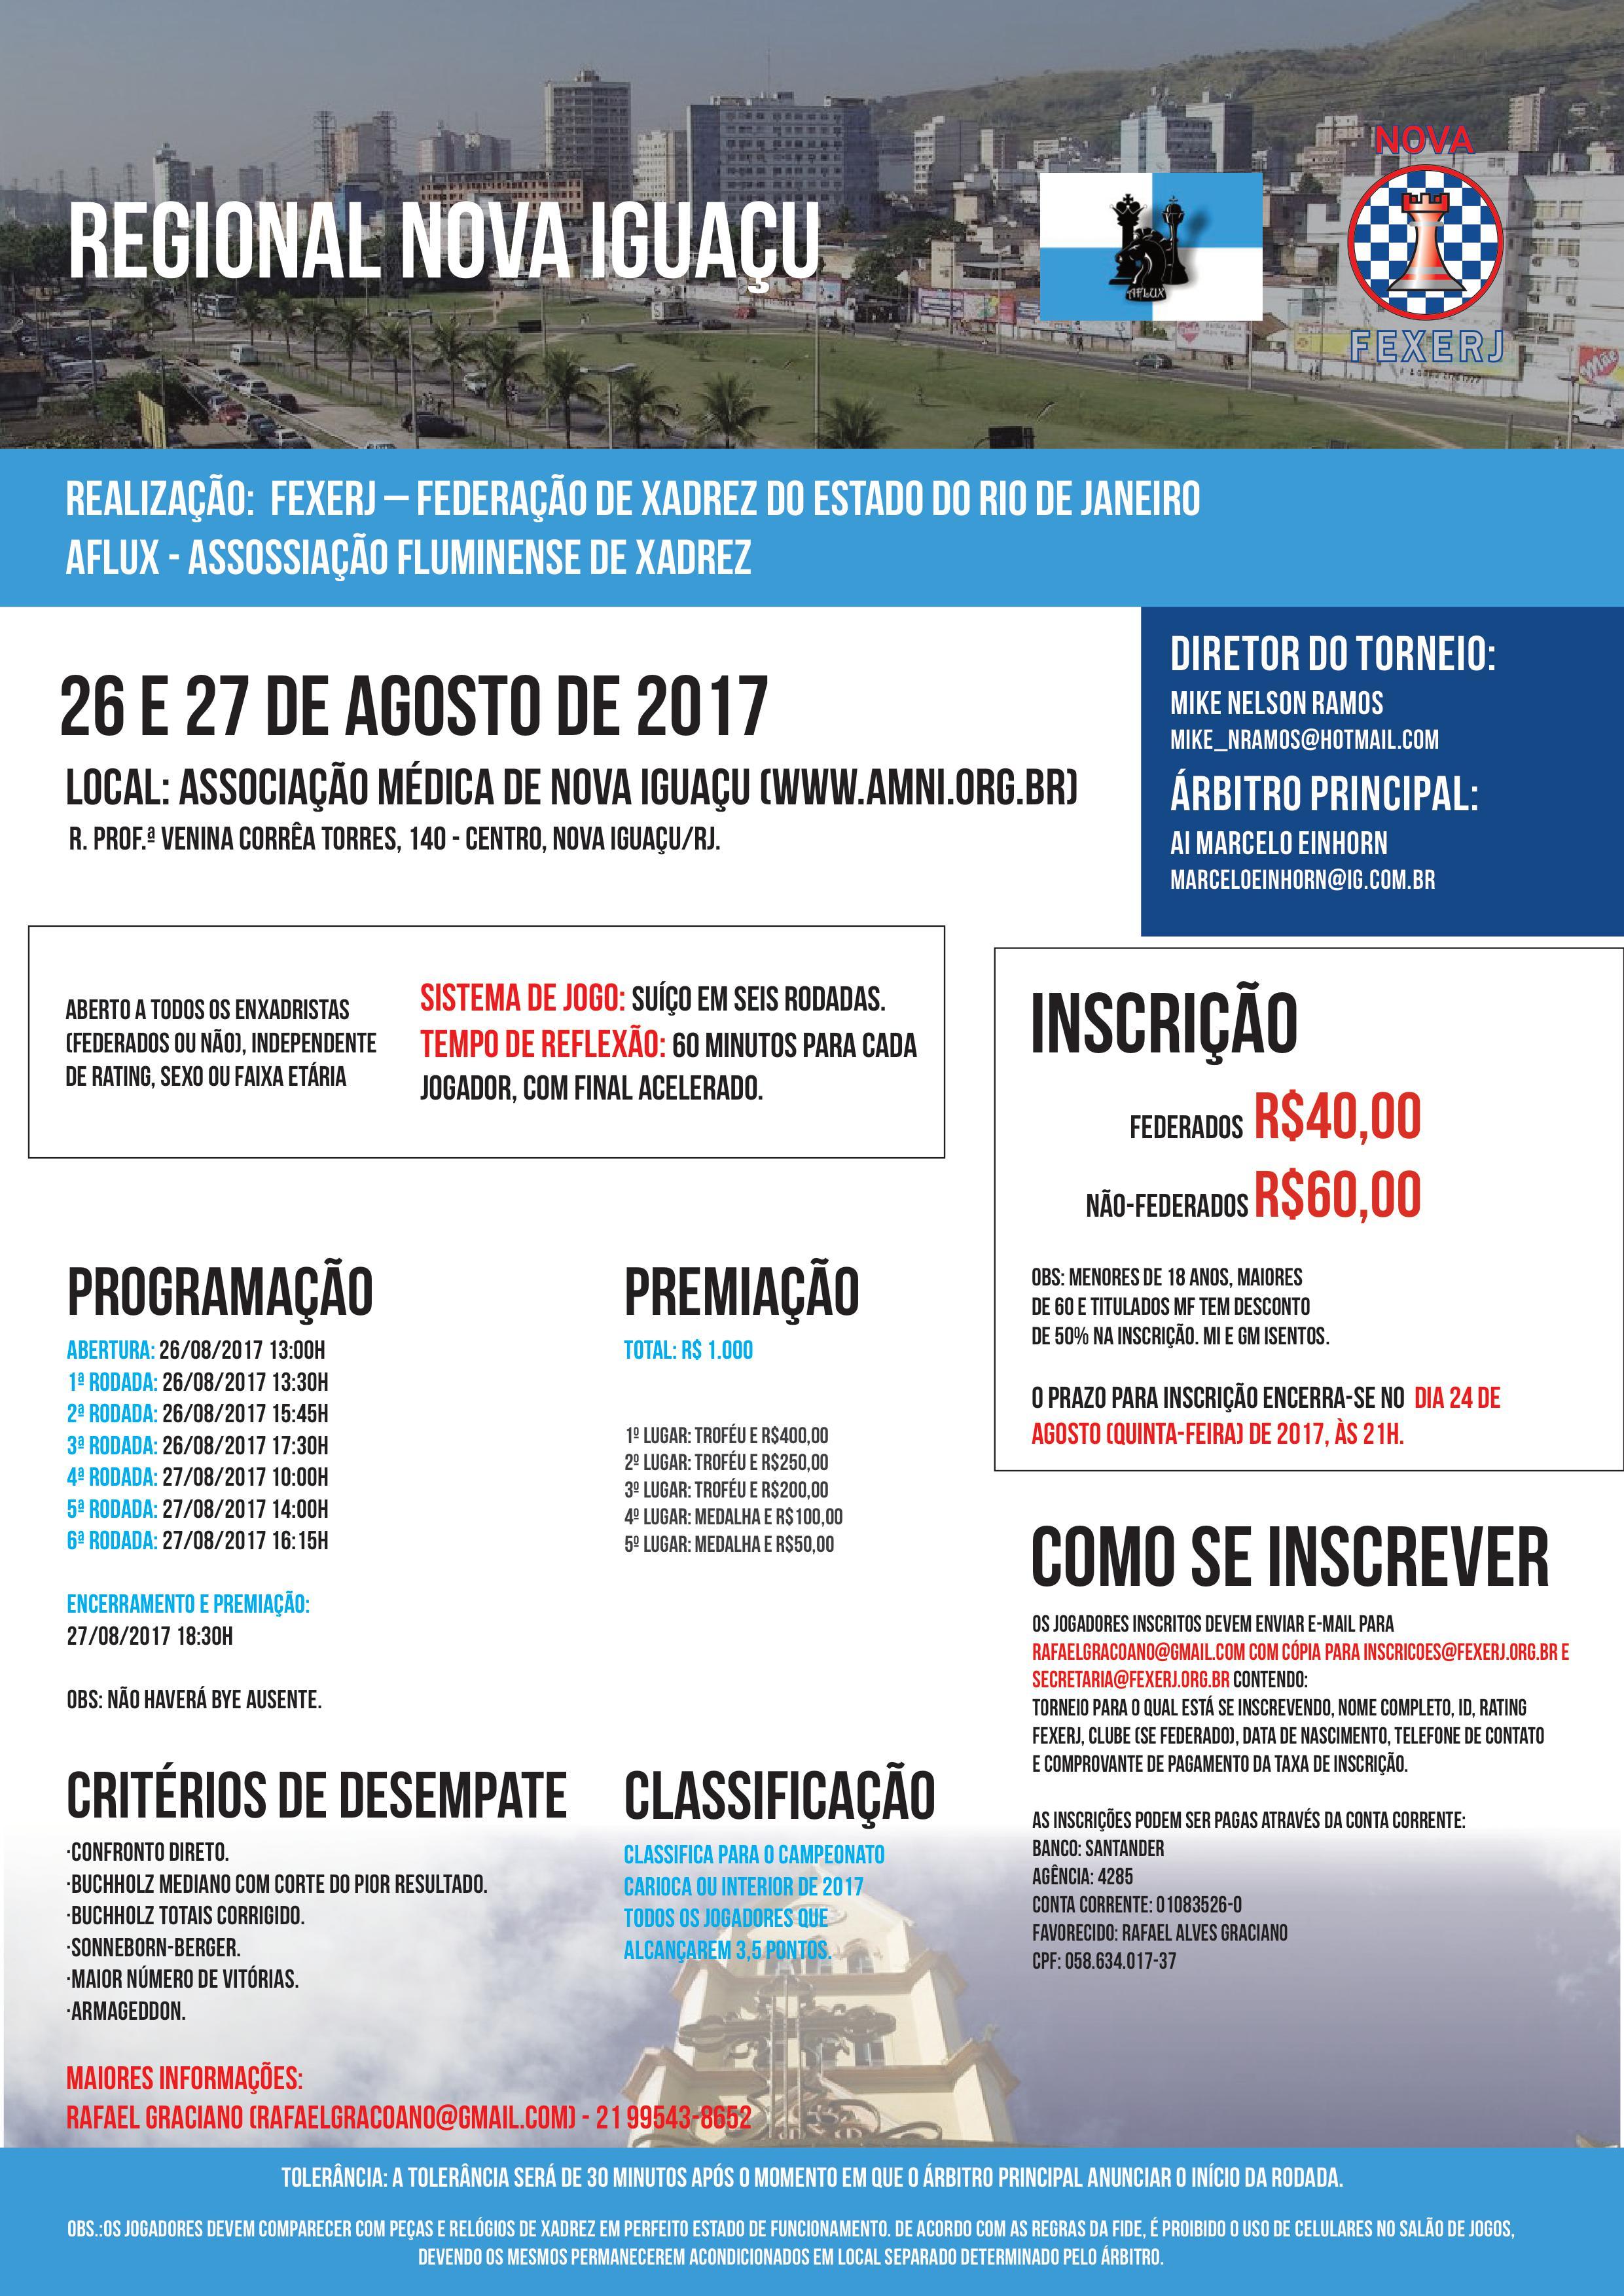 FolderNovaIguacu